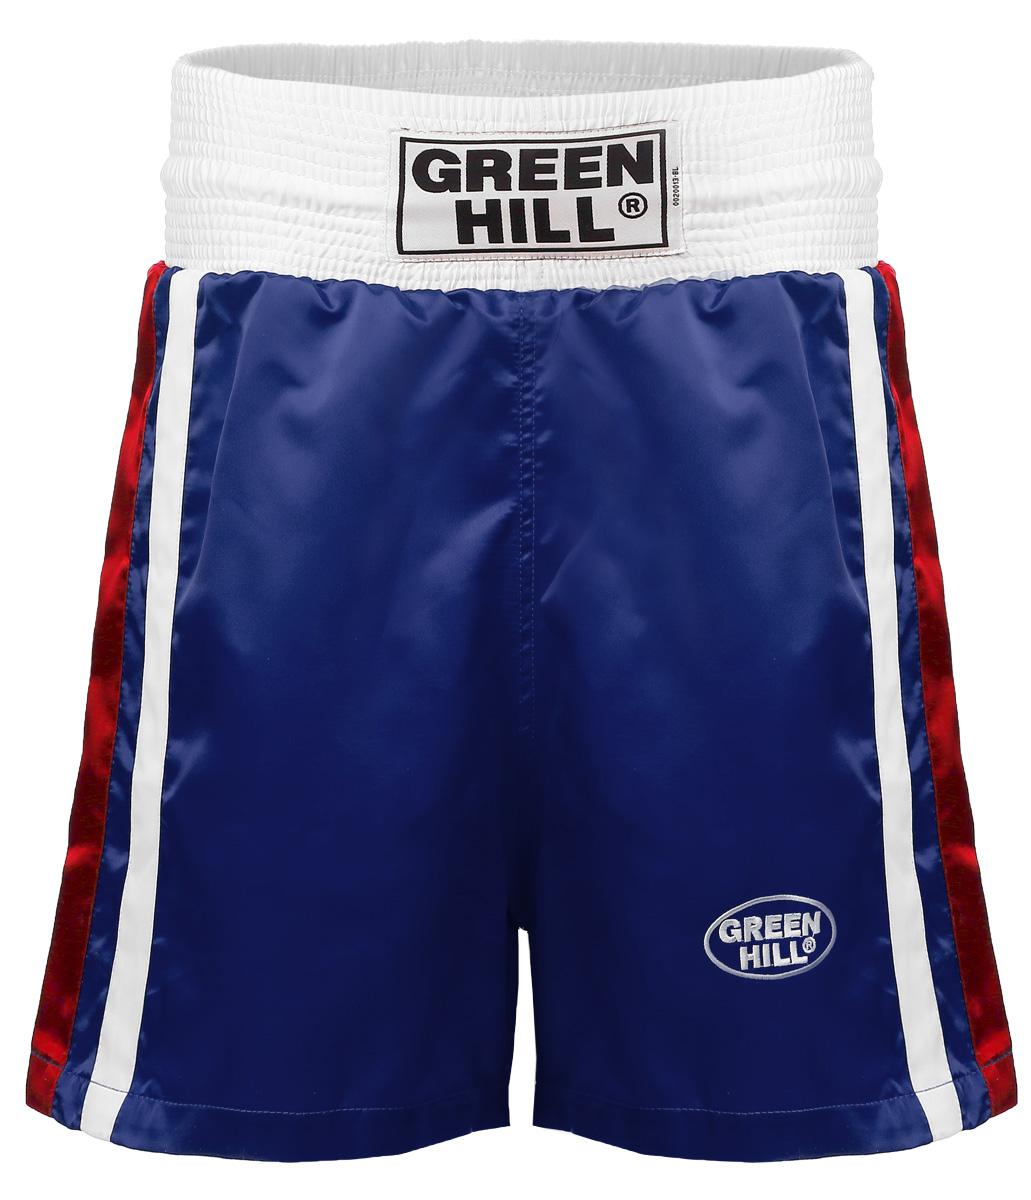 Трусы боксерские OLIMPIC. BSO-6320BSO-6320Трусы боксерские Green Hill Olimpic отлично подойдут для тренировок и соревнований. Широкий крой не стесняющий движений. Трусы выполнены из полиэстера и искусственного шелка. Трусы отлично держатся и не спадают благодаря широкому поясу со шнурком.